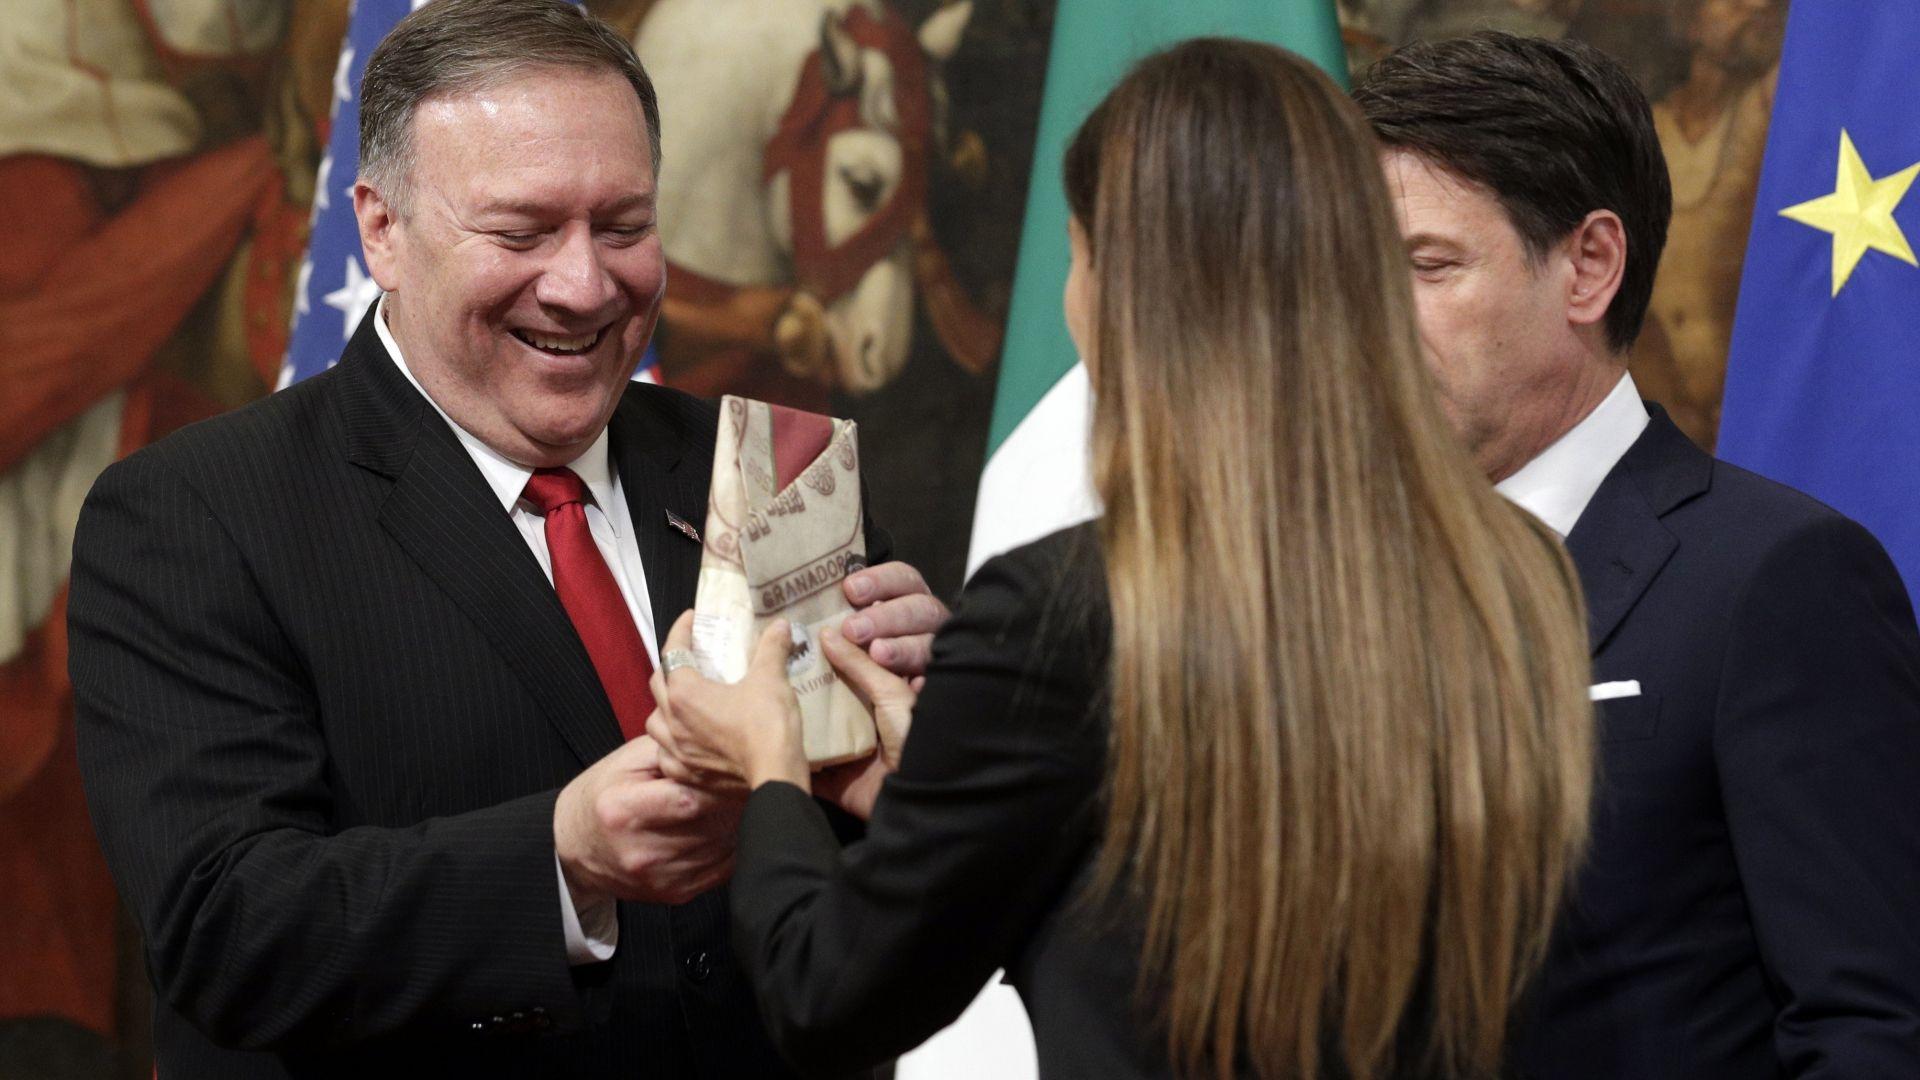 Италианска журналистка подари пармезан на Помпейо на срещата му с Конте, бил за Тръмп